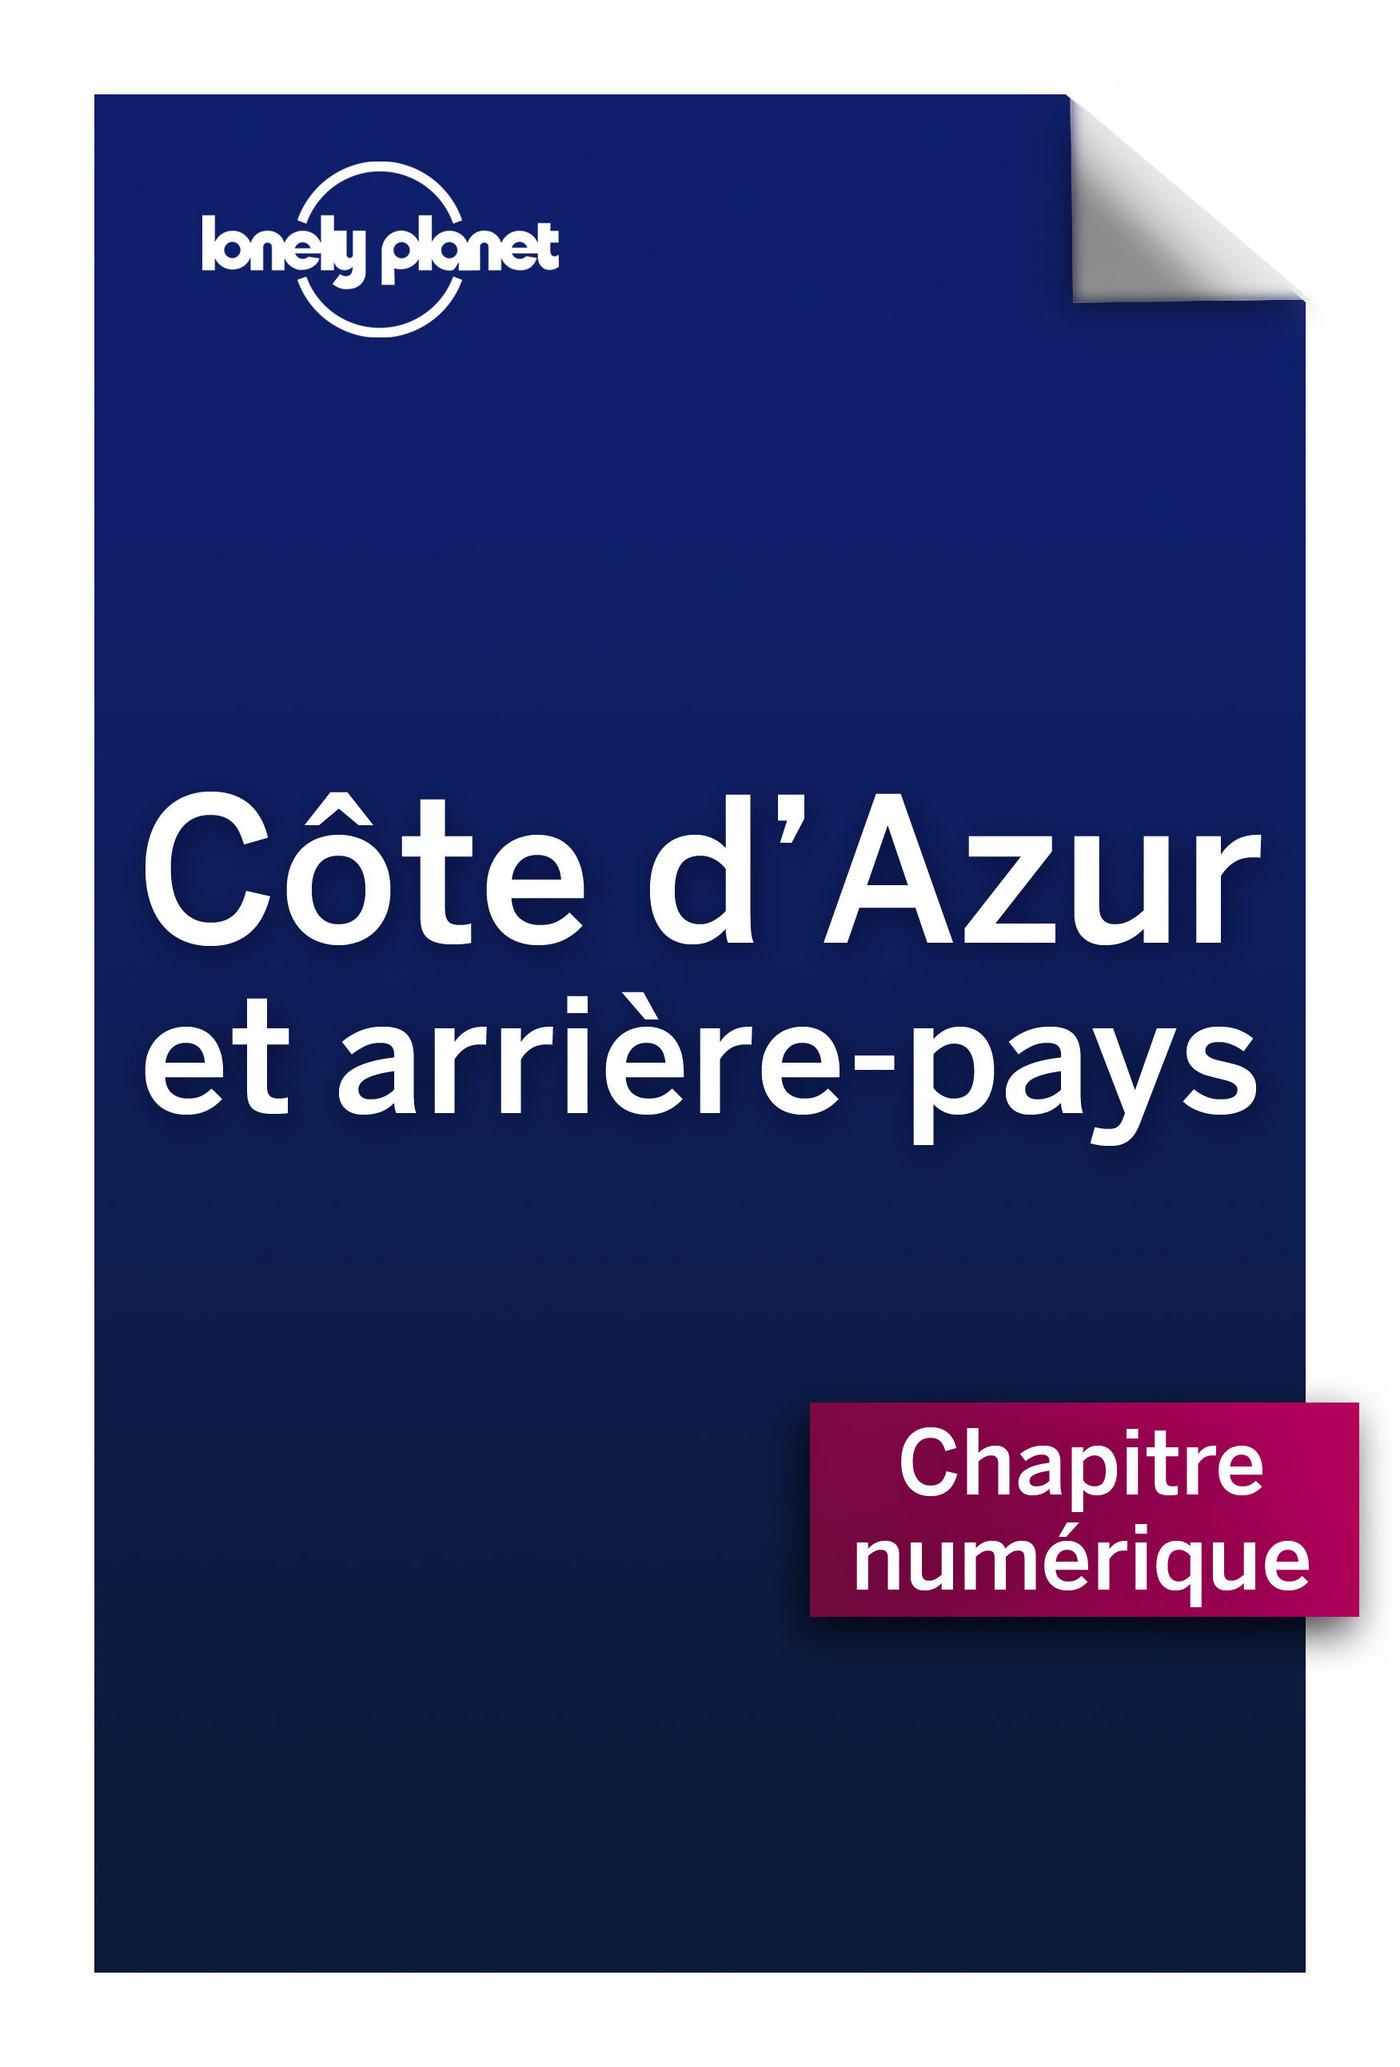 COTE D'AZUR - Alpes d'Azur